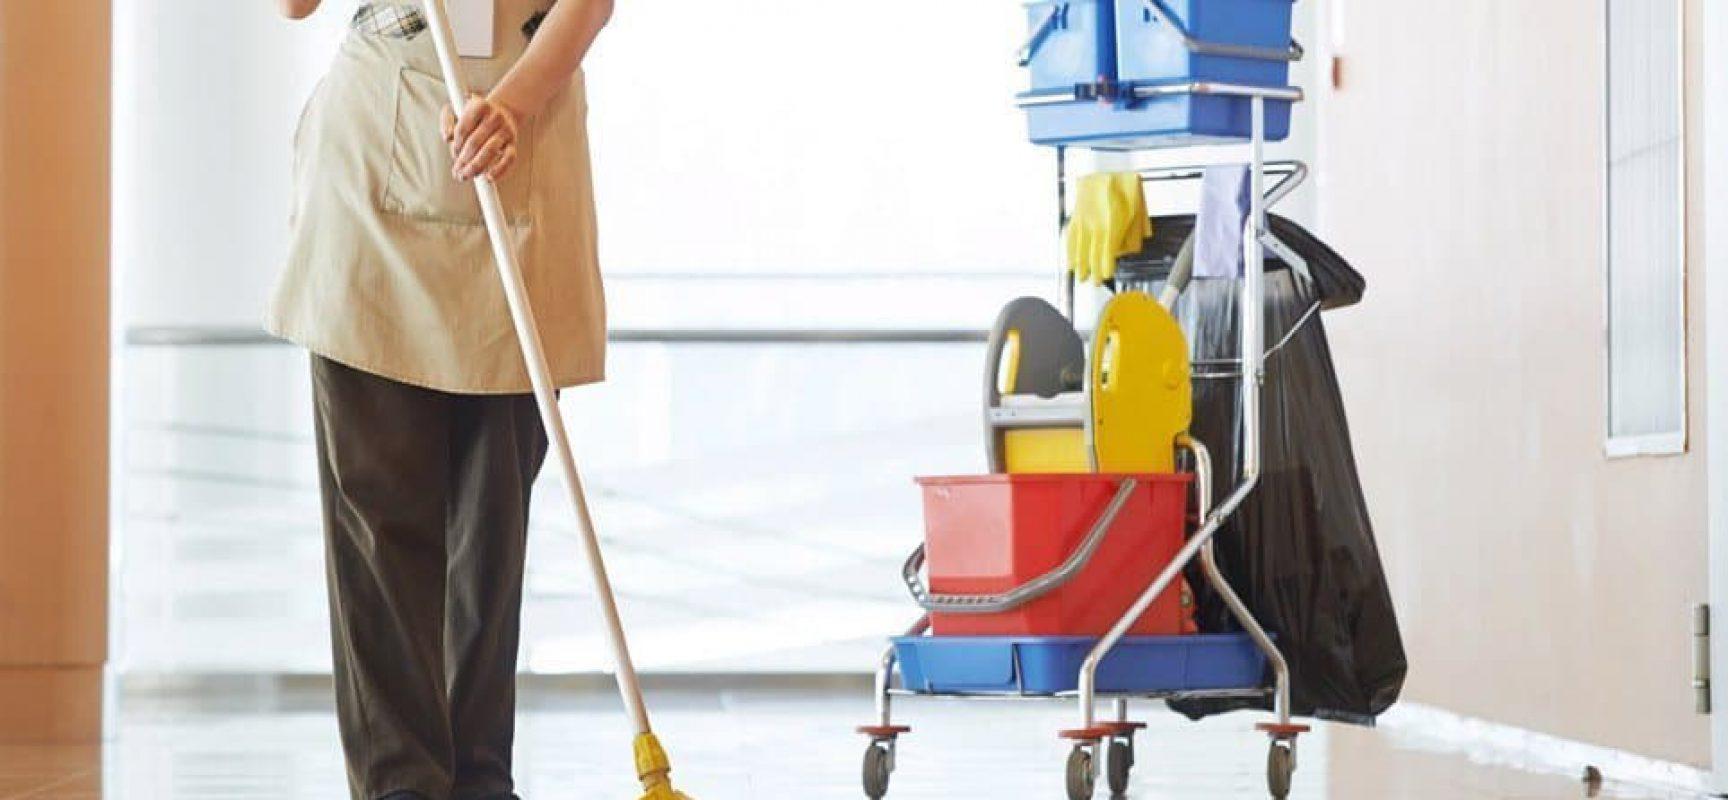 Αναρτήθηκαν οι προσωρινοί πίνακες για τις 15 θέσεις καθαριστών/στριών στα σχολεία του Δήμου Σοφάδων